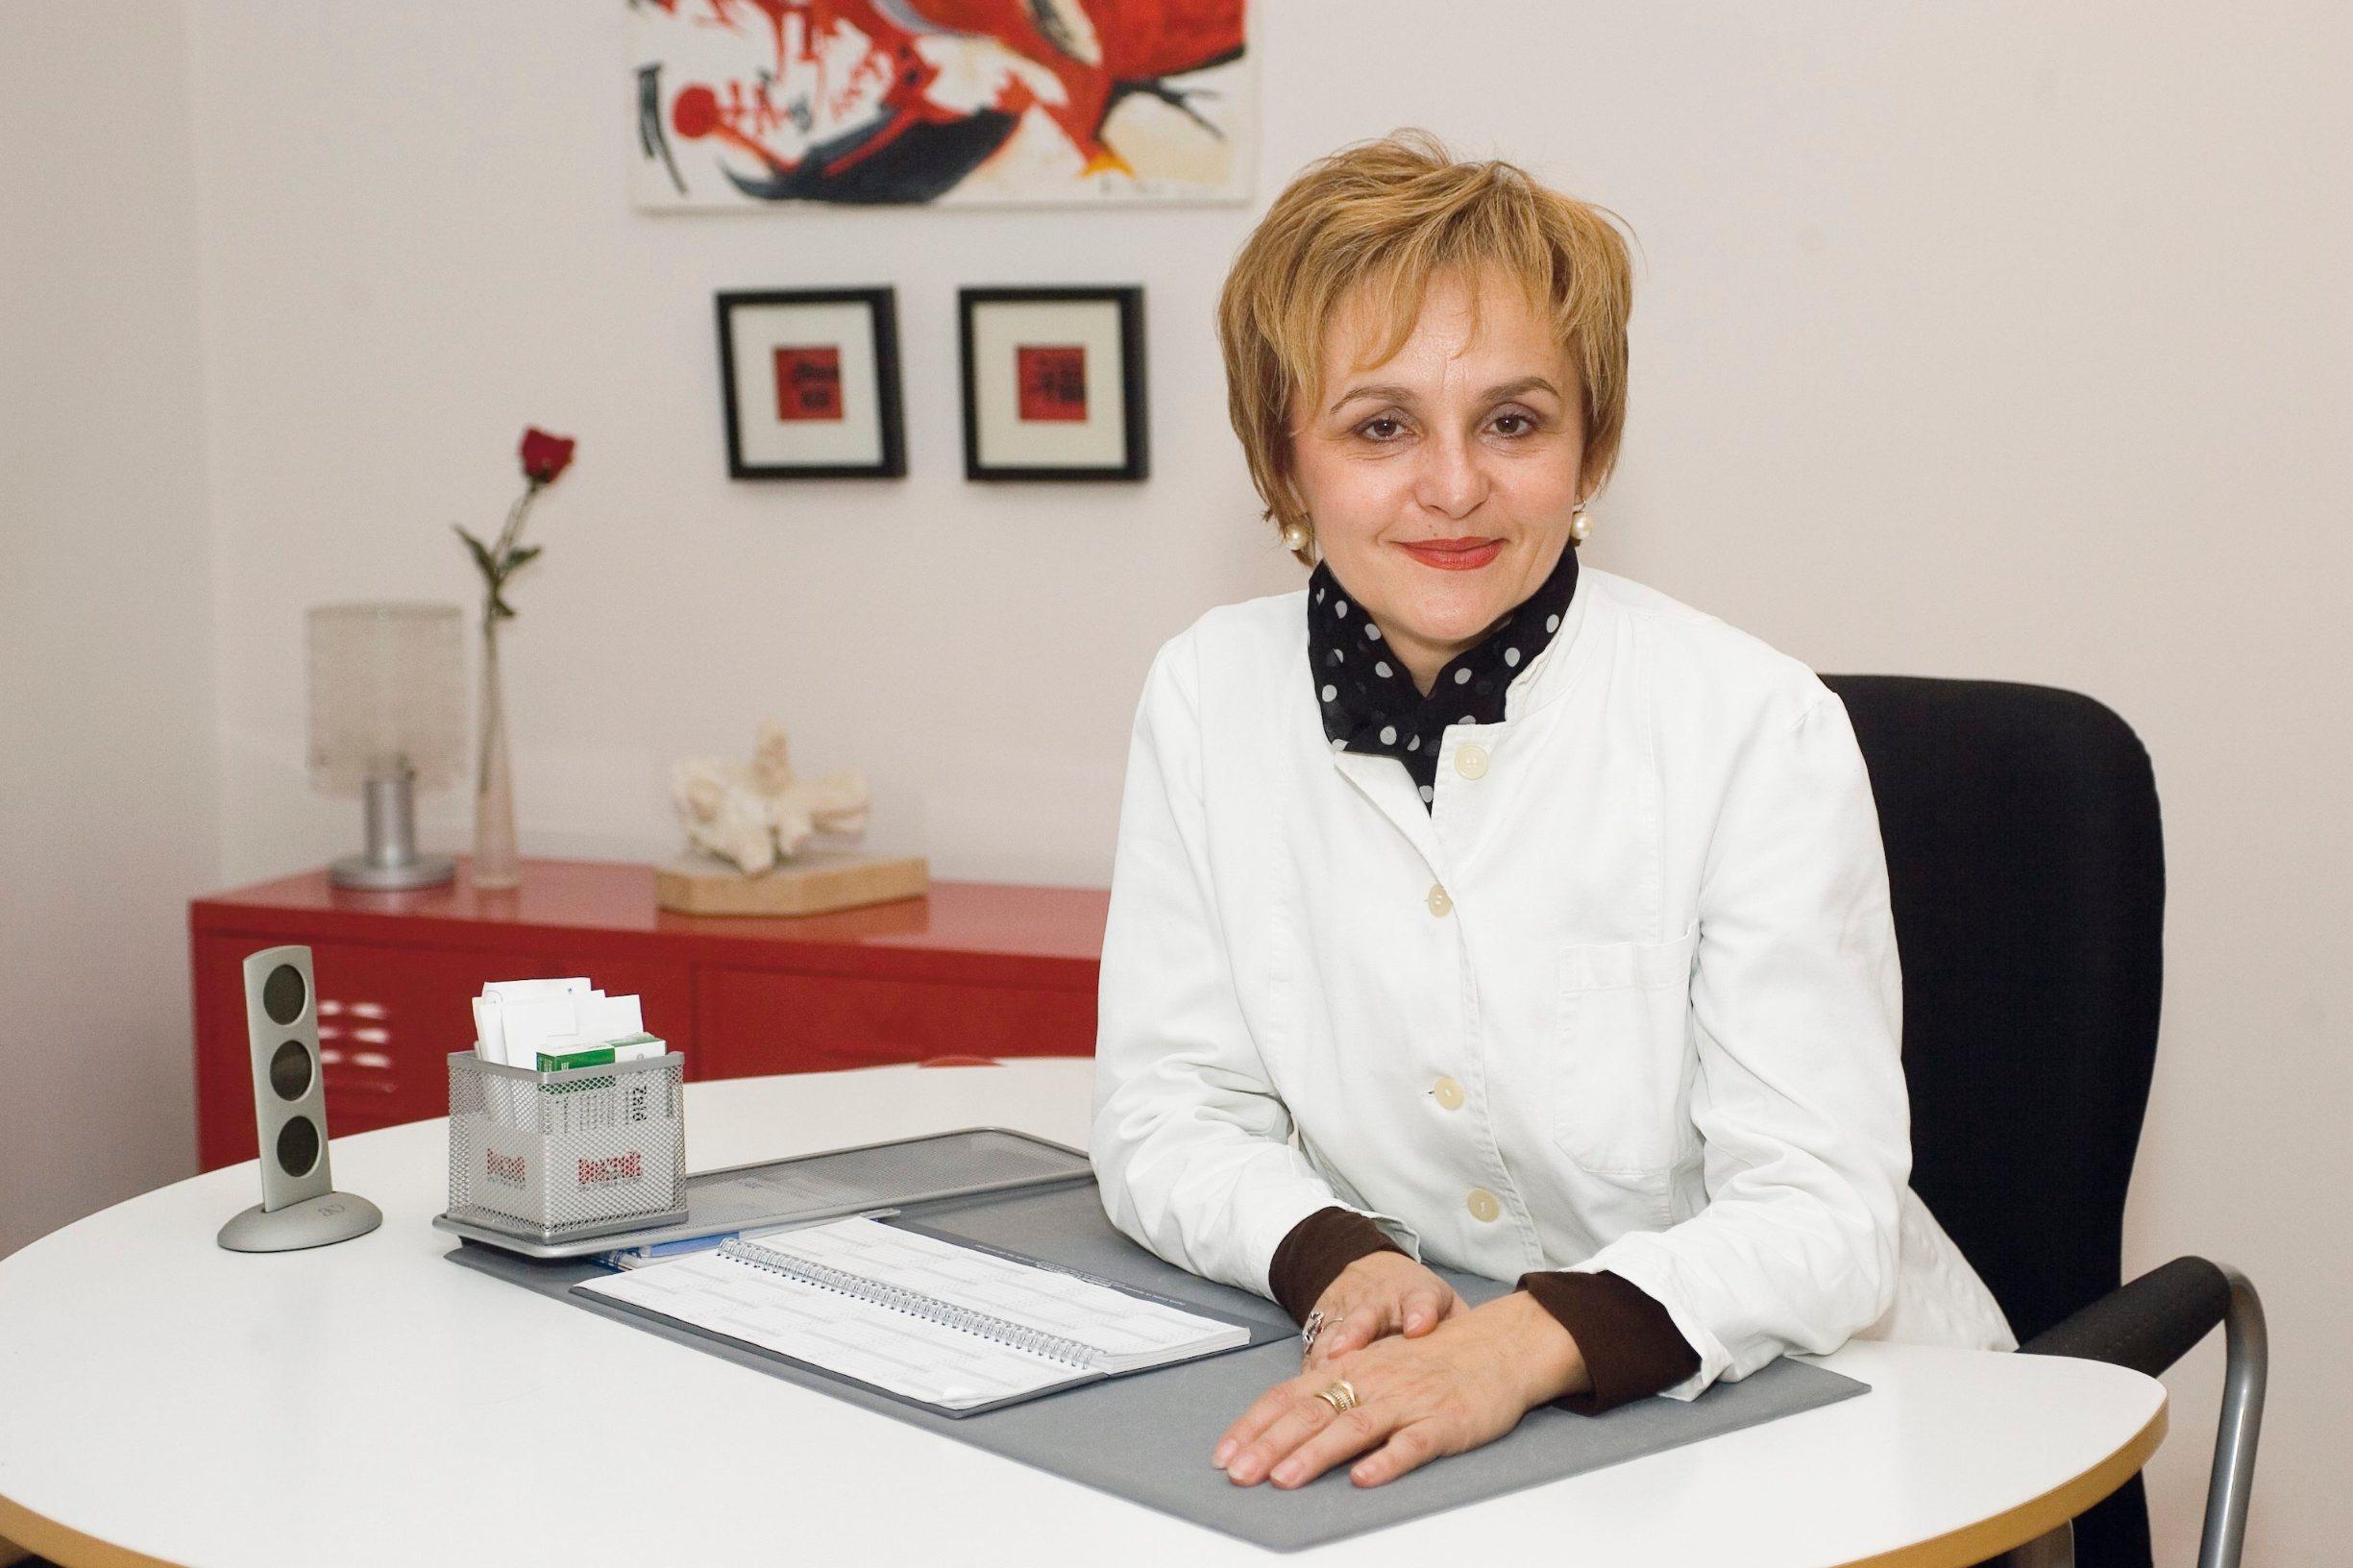 Zagreb 060907. Doktor Blazenka Nekic. Foto: doktor u kuci